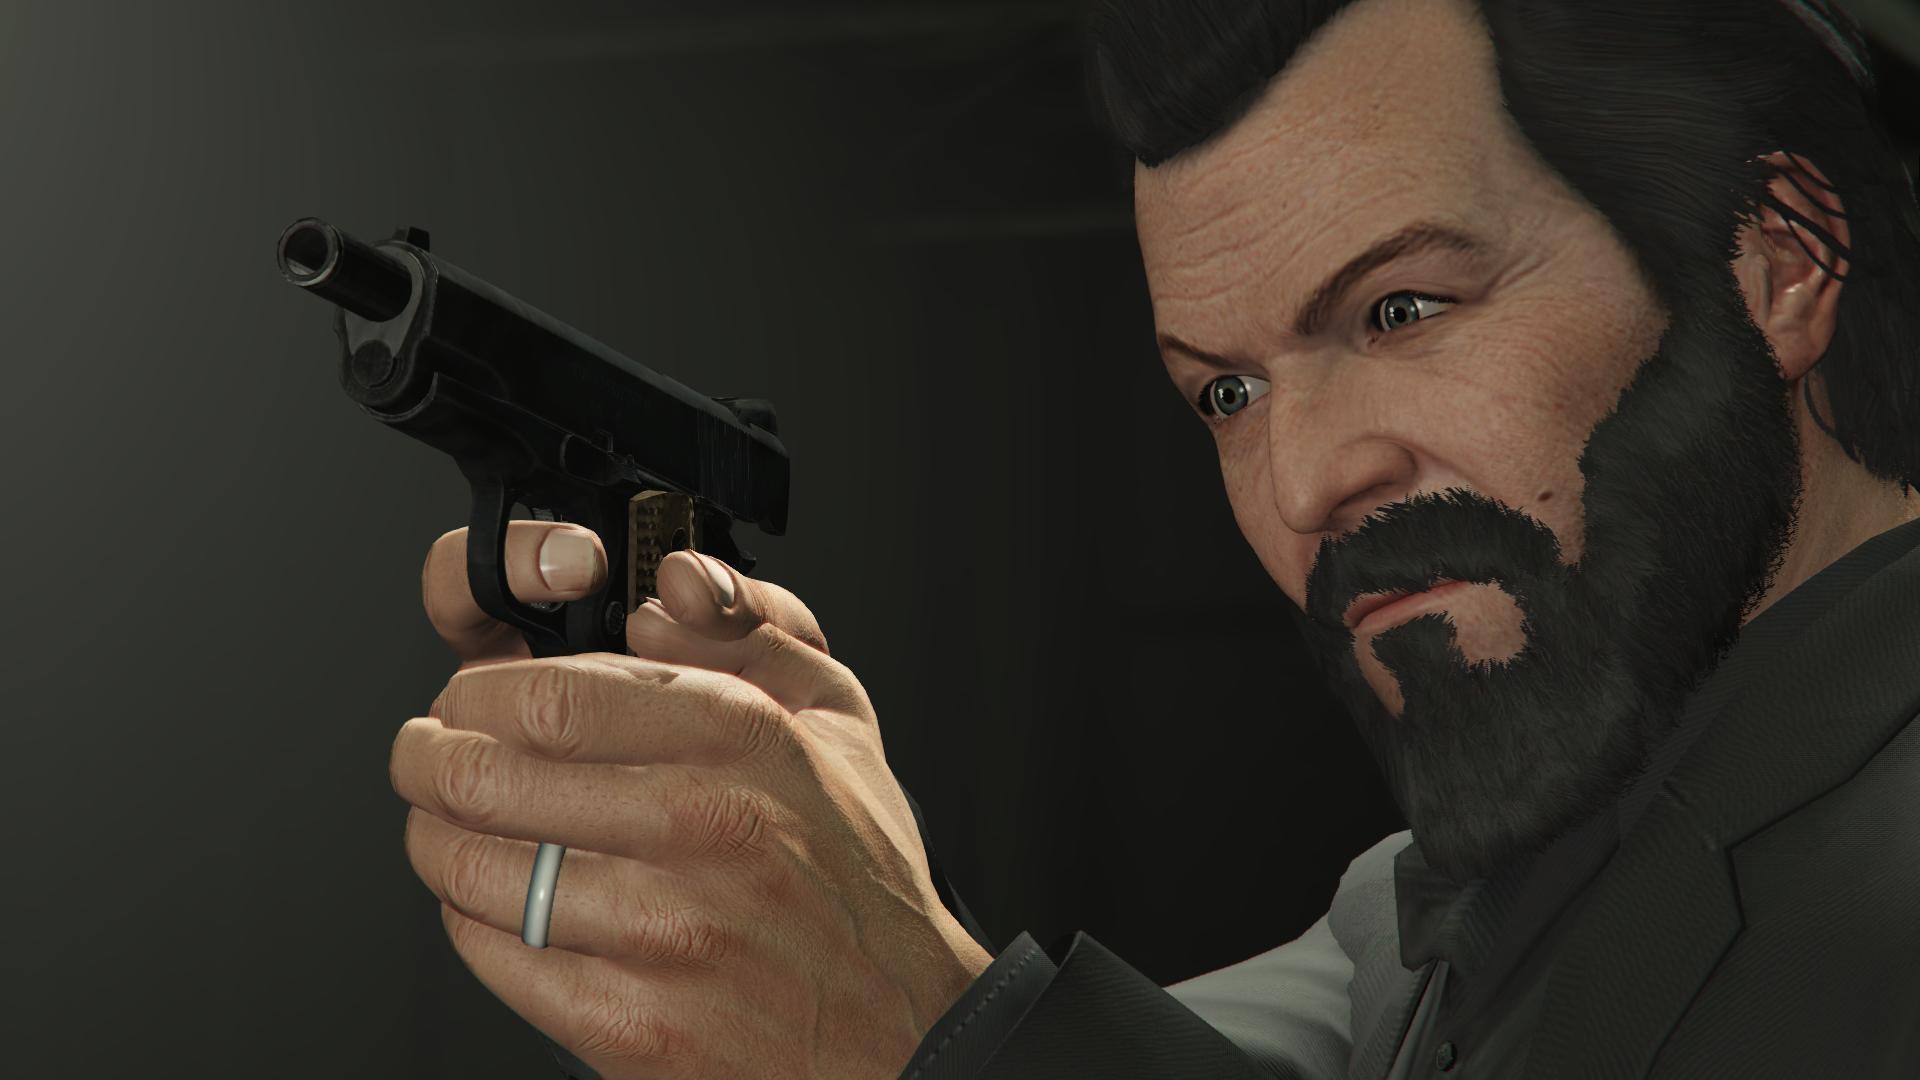 Call of Duty Modern Warfare 3 - Vind hier tot 40% goedkoper.